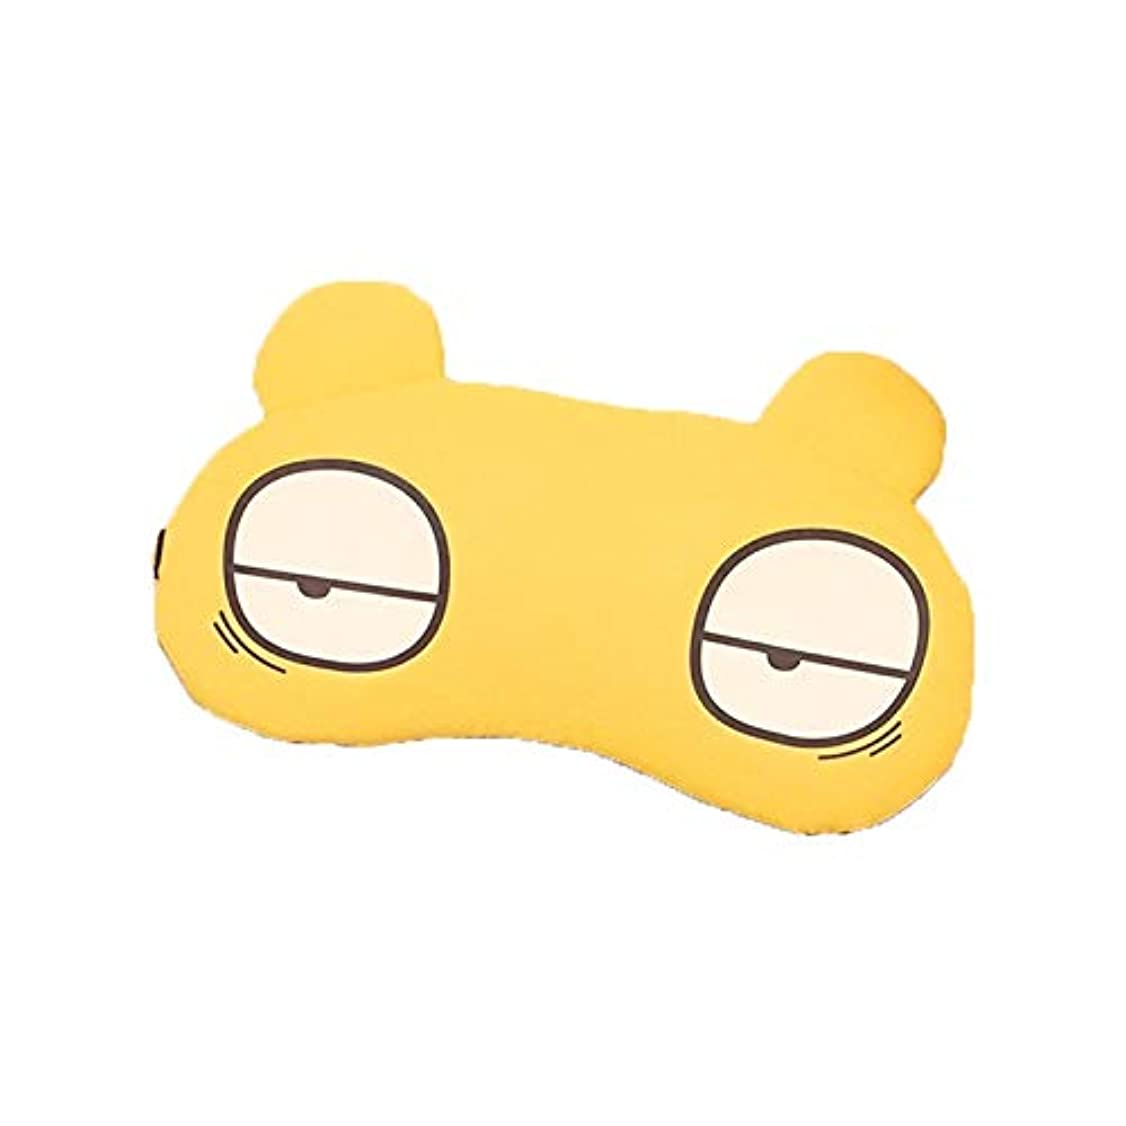 雑多なペット精神NOTE スリーピングマスクアイマスクアイパッチソフトコットンとリネンのシームレスなシェードカバー快適な旅行用リラックスした睡眠補助MP0139